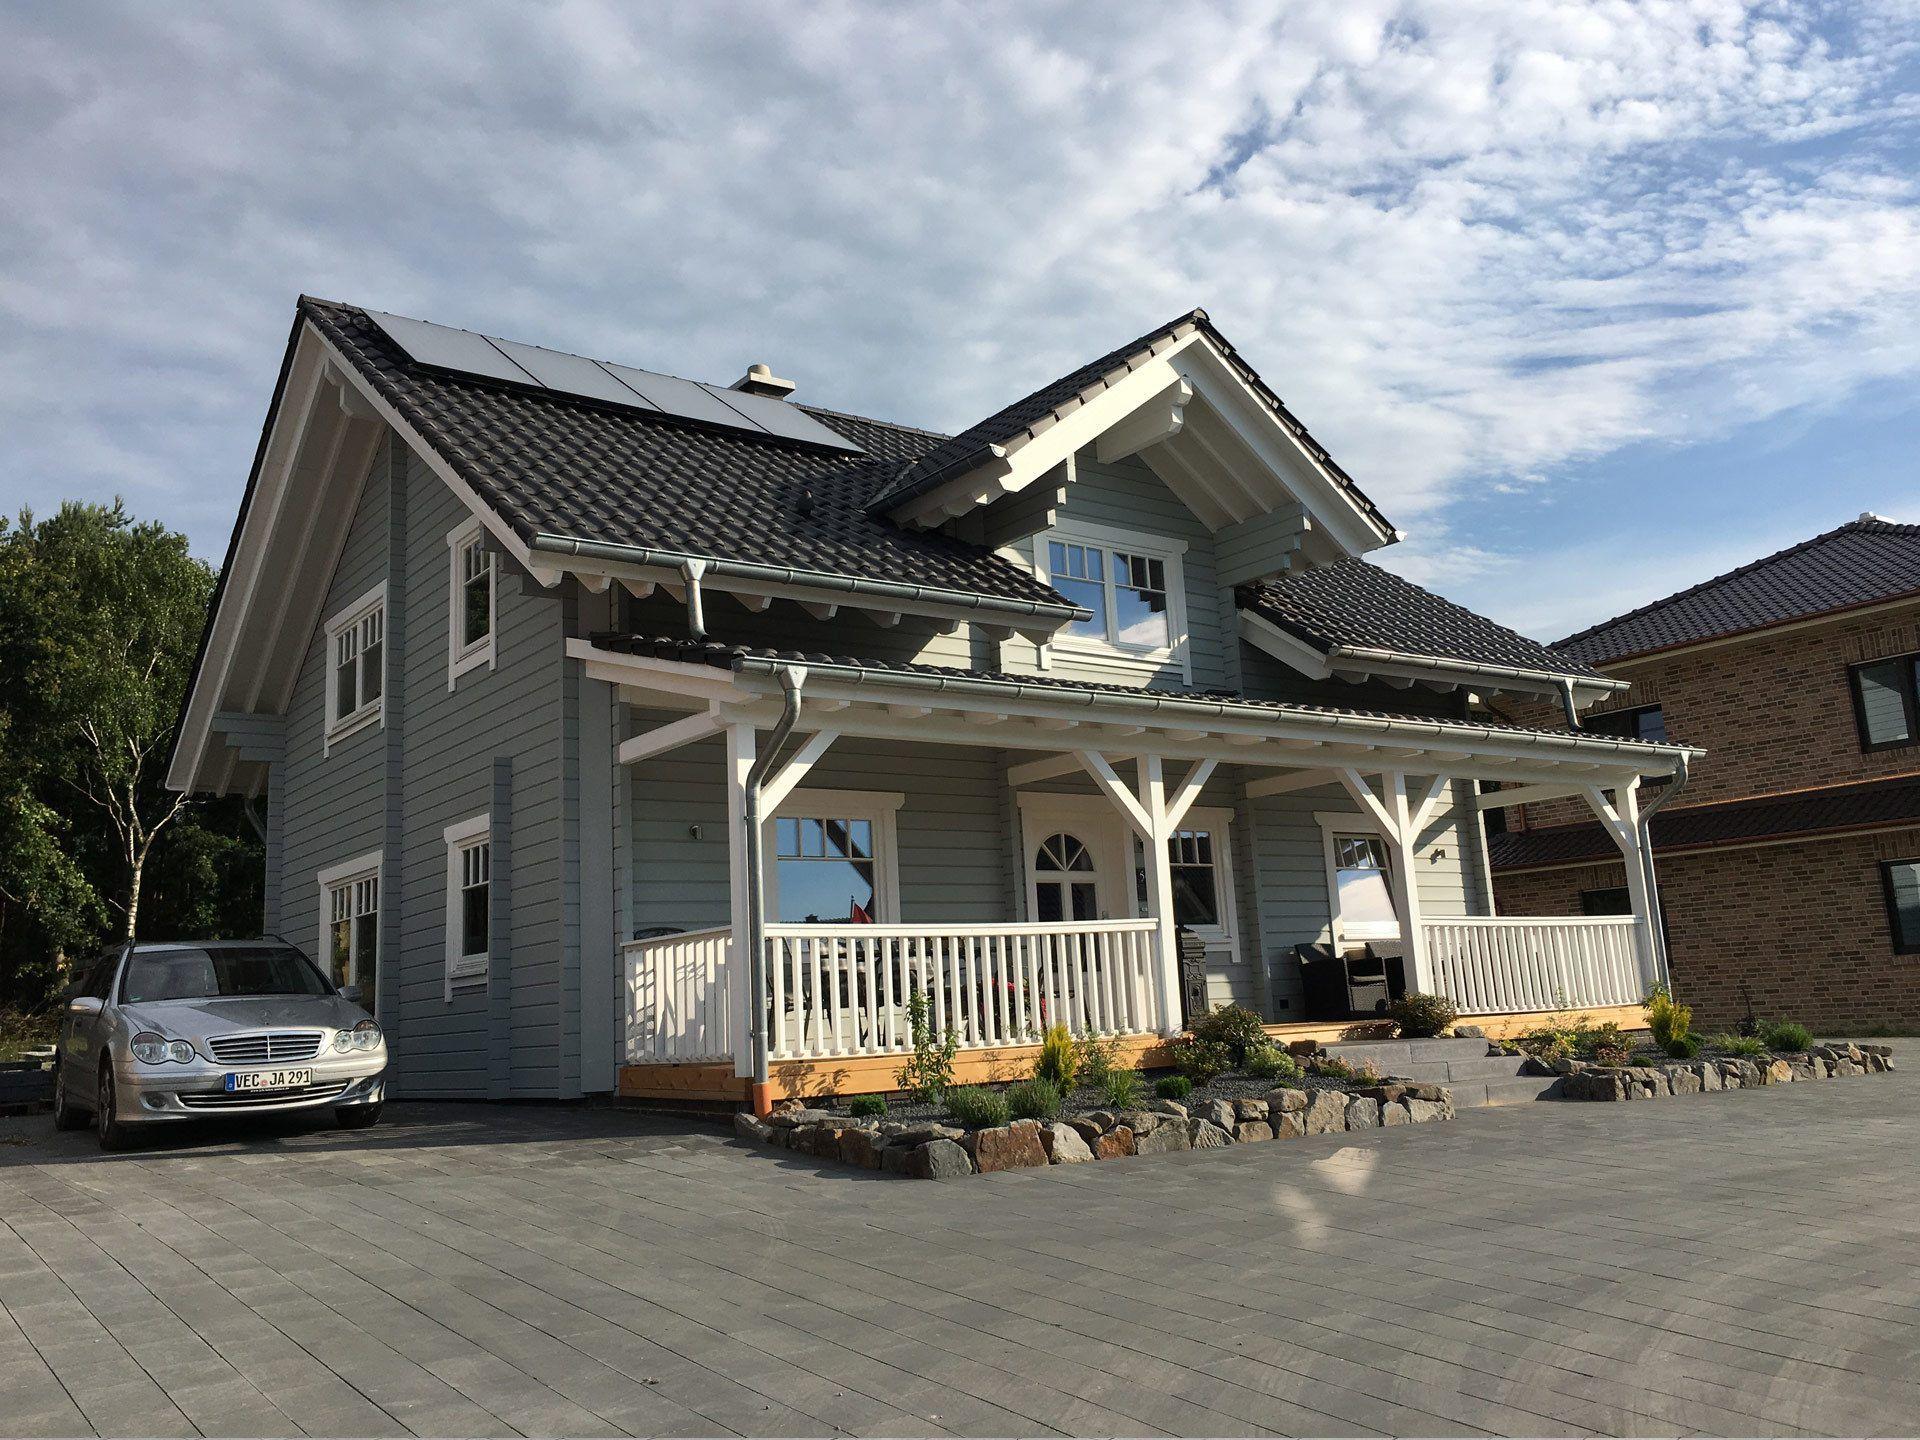 musterhaus langenberg einfamilienhaus im american style mit 160 m wohnflche holzhaus amerikanisch nordic - Deckideen Fr Modulare Huser